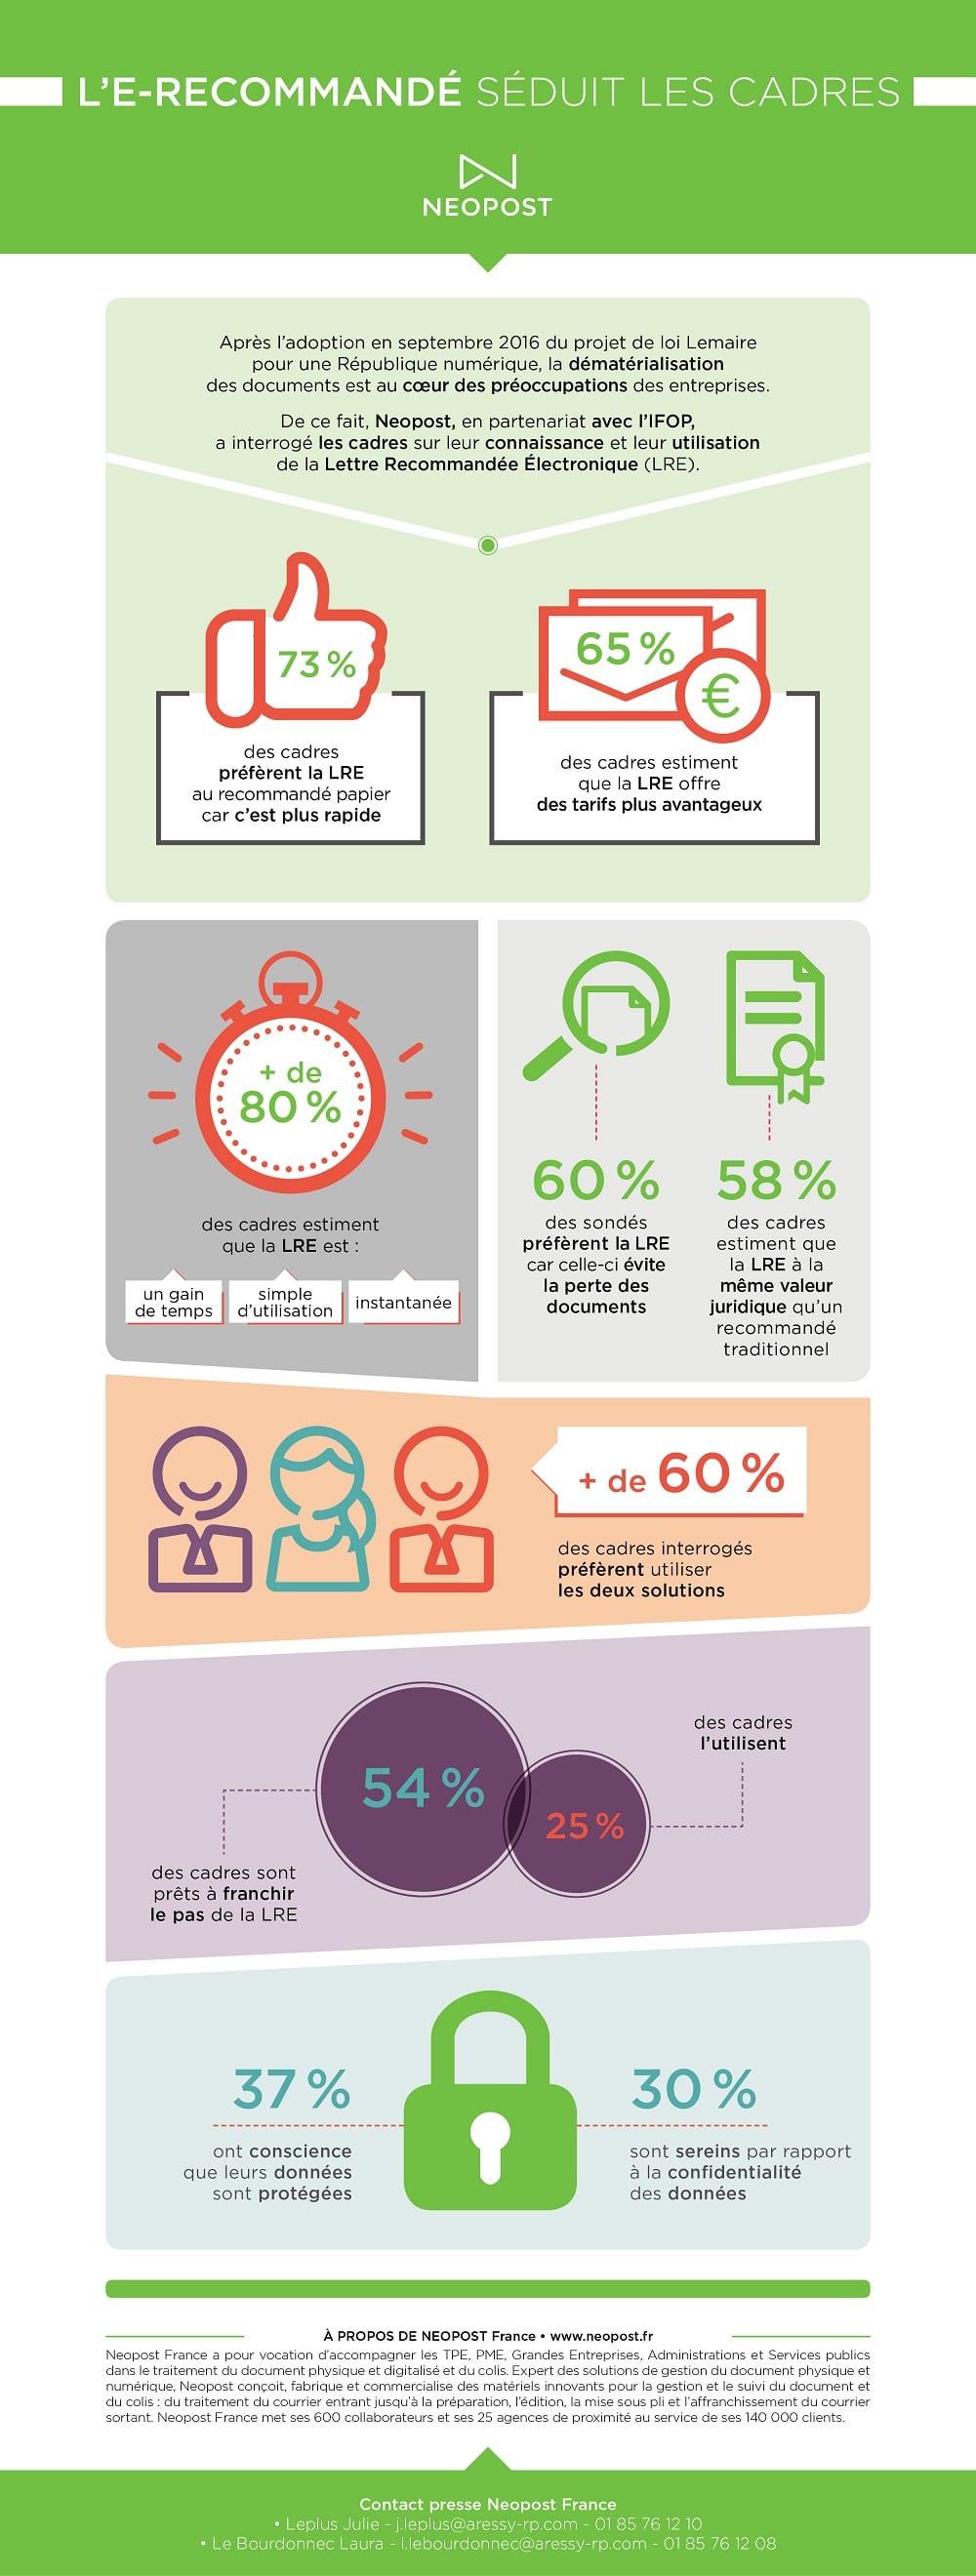 Infographie - L'e-recommandé selon les cadres